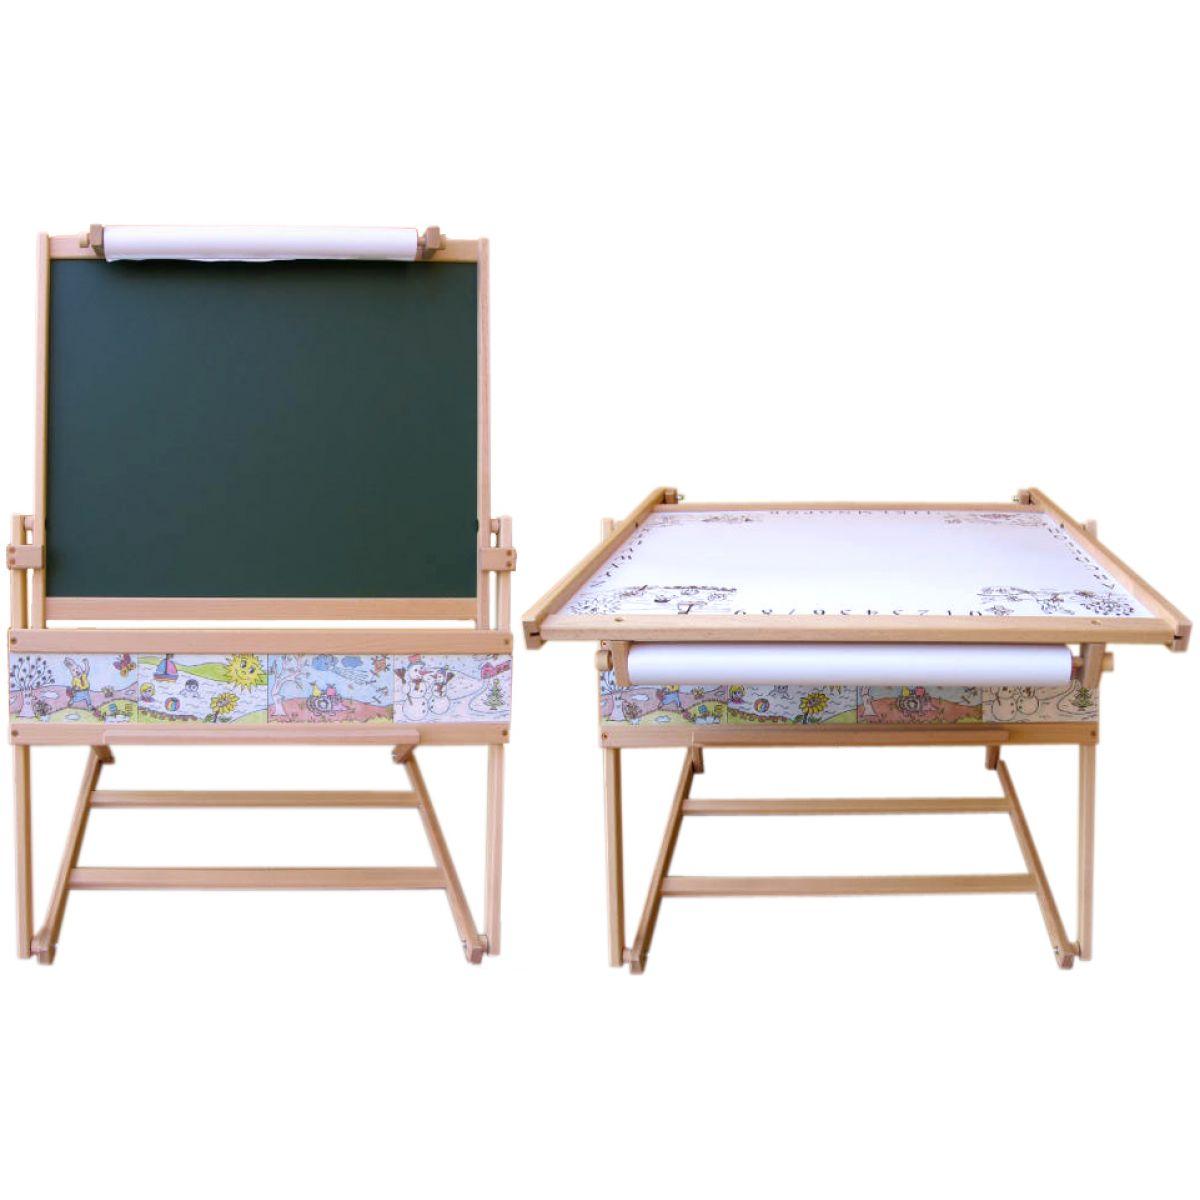 Drevená tabuľa a stolík 2v1